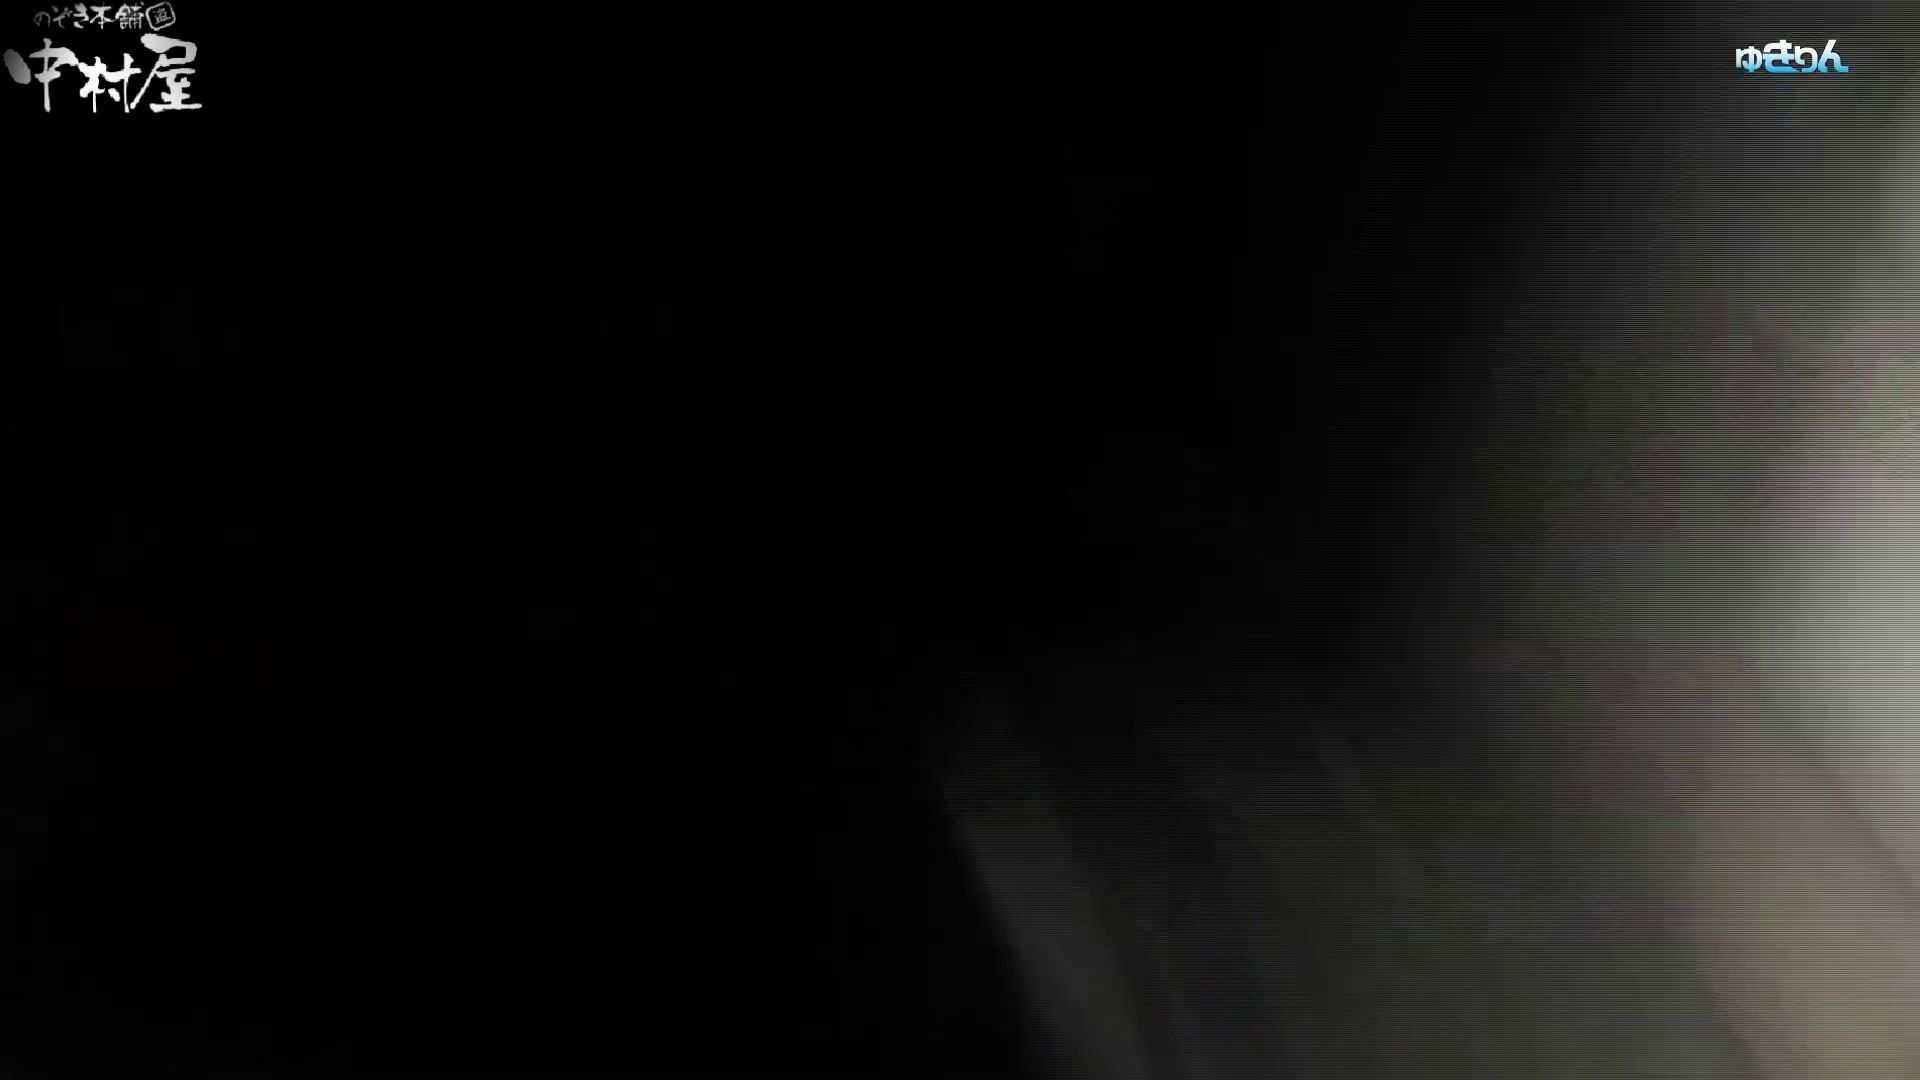 世界の射窓から~ステーション編 vol58 0.1%の確率!!吸い付こまれるプレミアム聖地 盗撮特集   おまんこ  83画像 30